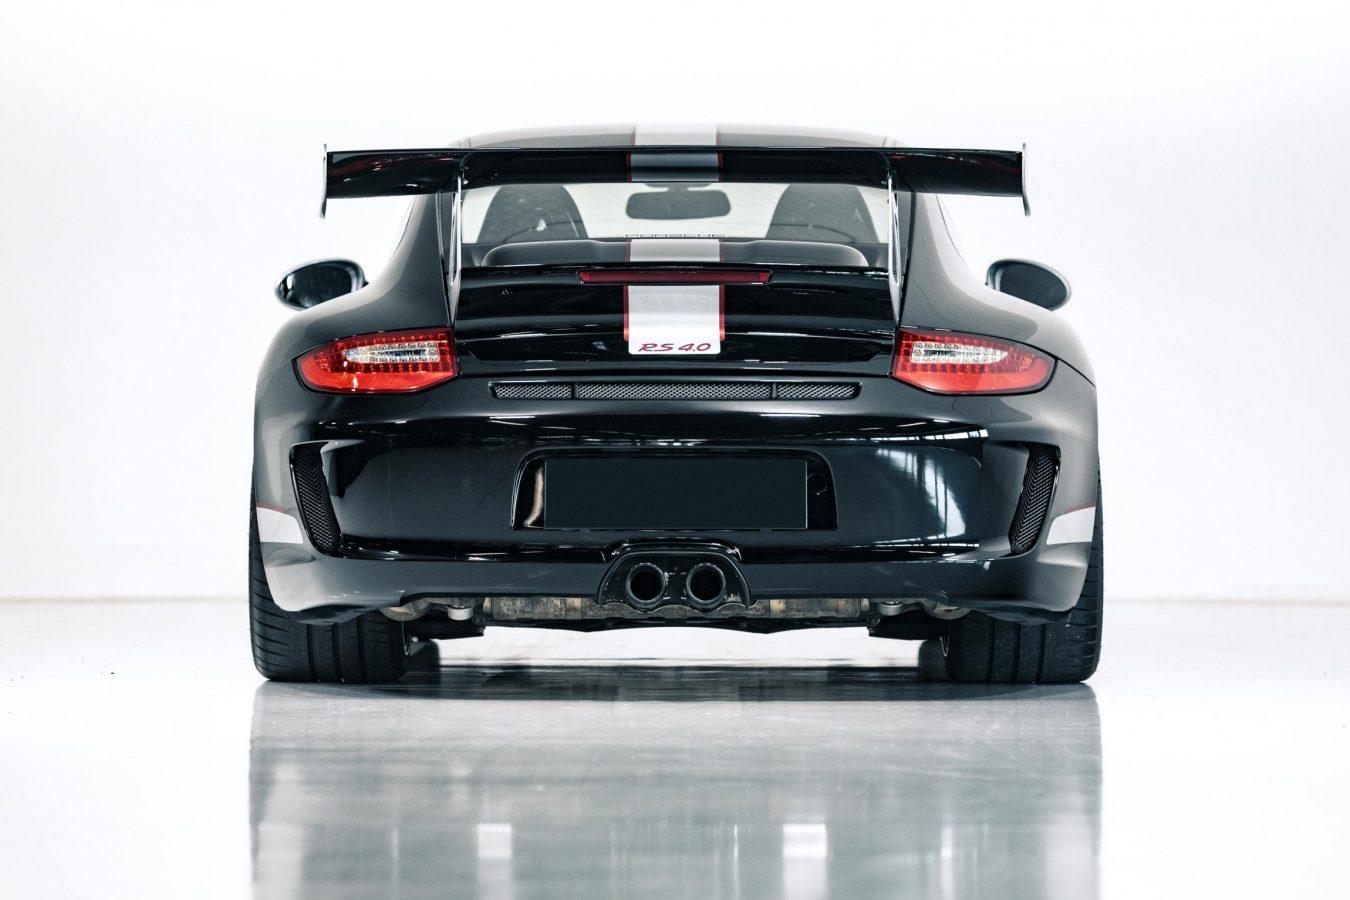 Porsche 997.2 GT3 18